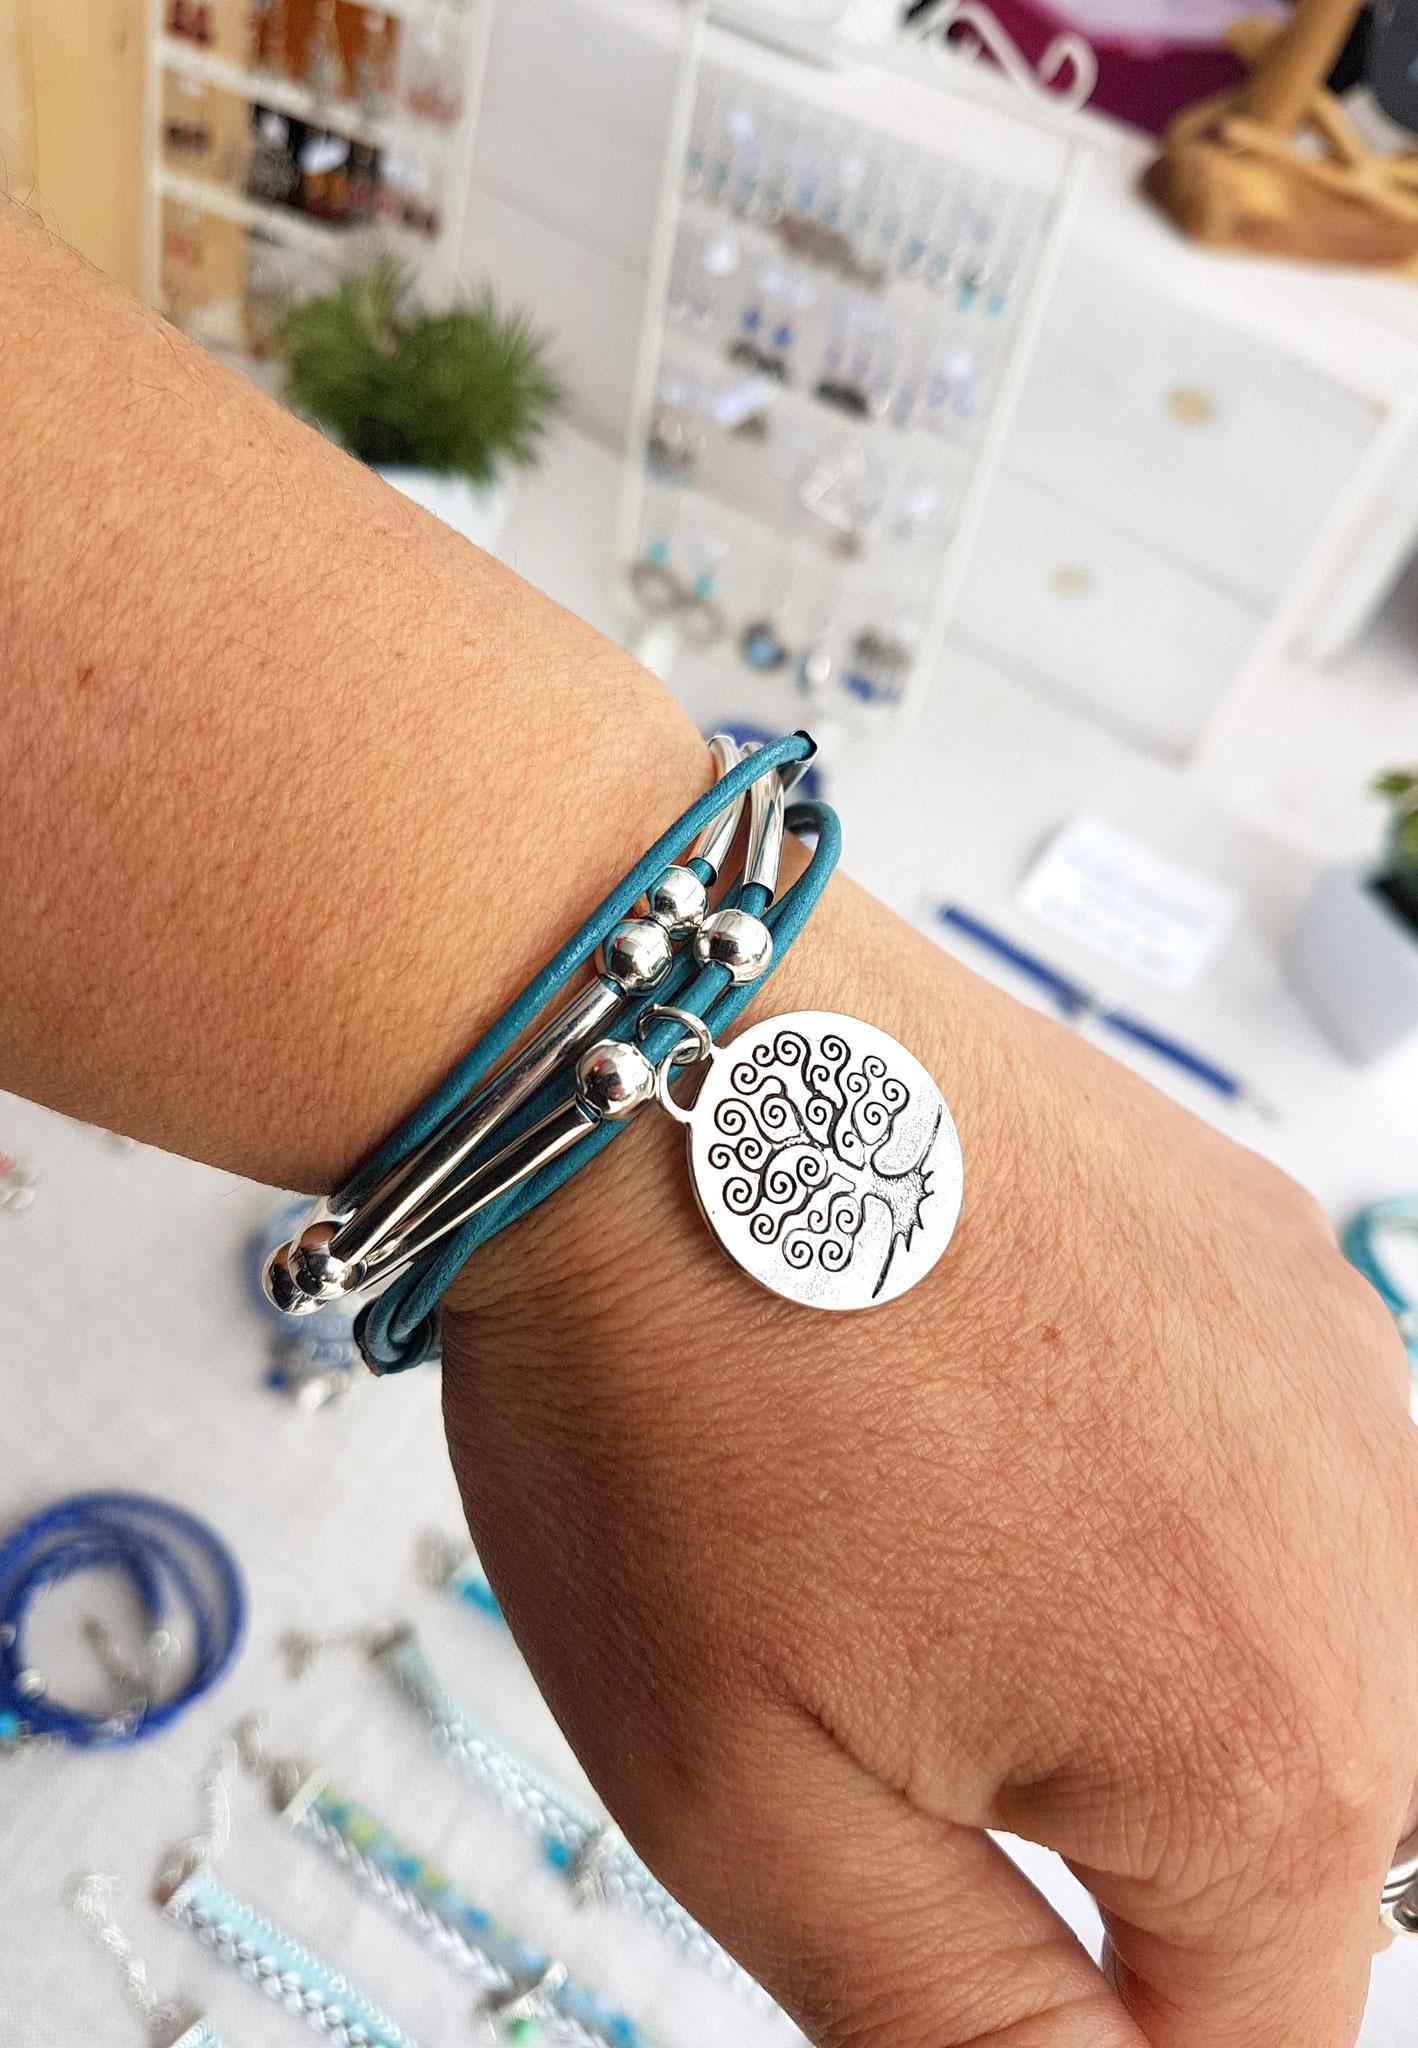 fAMILLE - Bracelet cuir turquoise et son arbre de vie